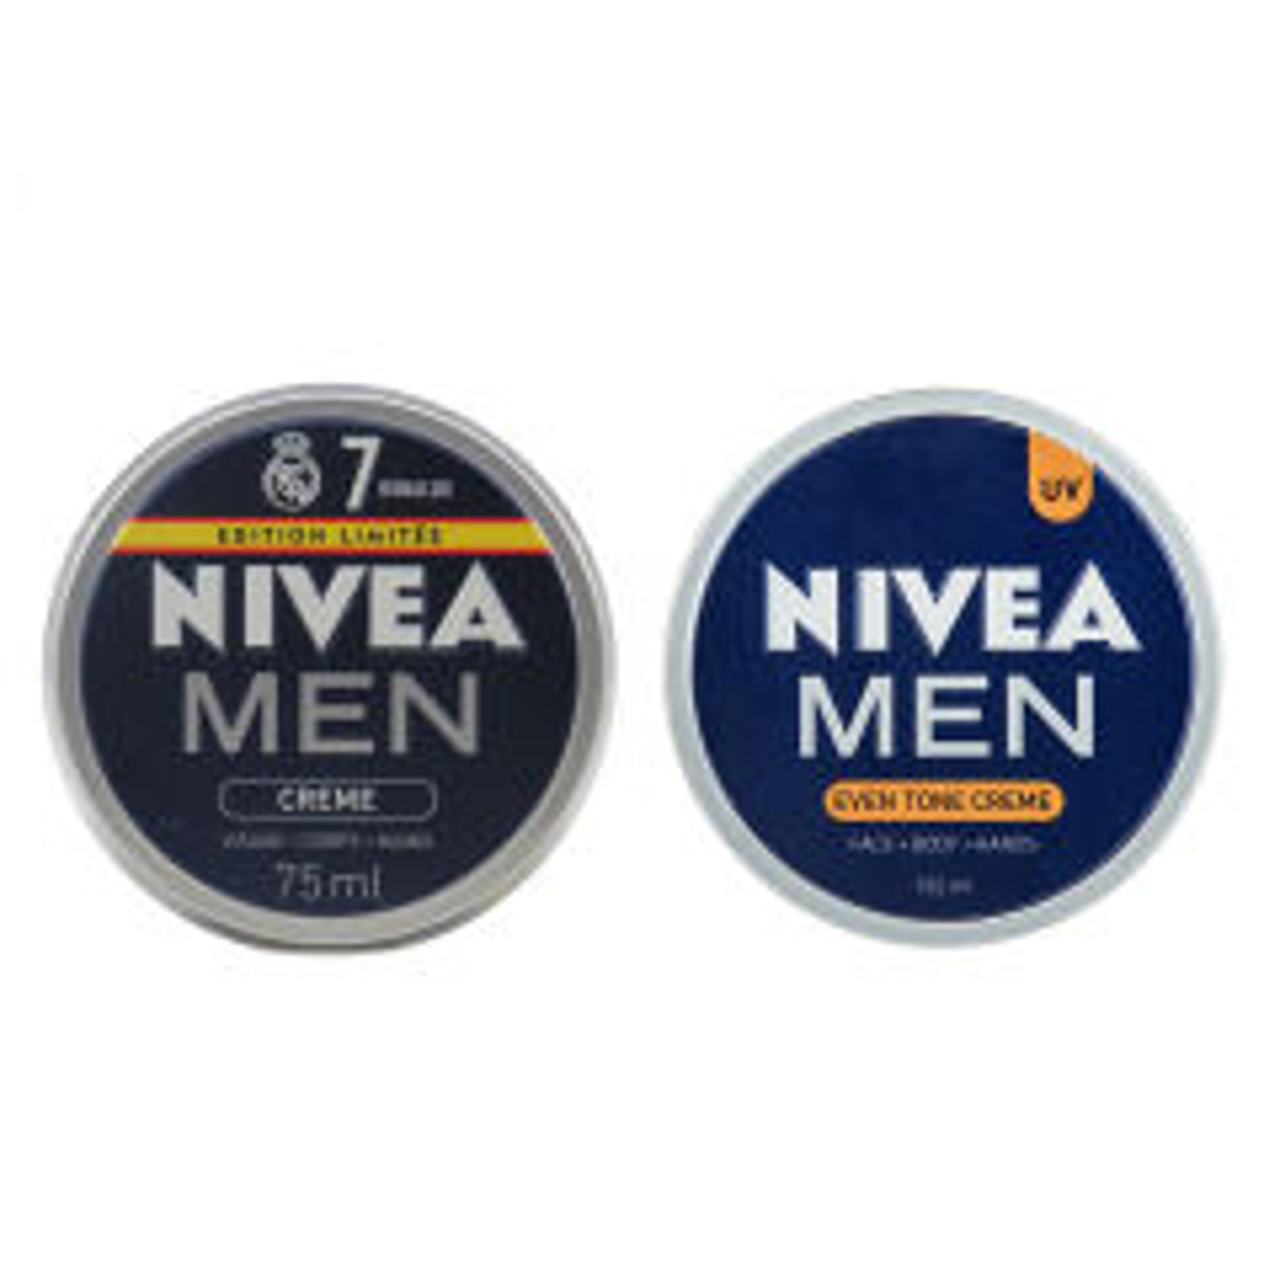 کرم مرطوب کننده آقایان نیوآ مدل Edition Limited به همراه کرم مرطوب کننده نیوآ سری Men مدل Even Tone  بسته دو عددی